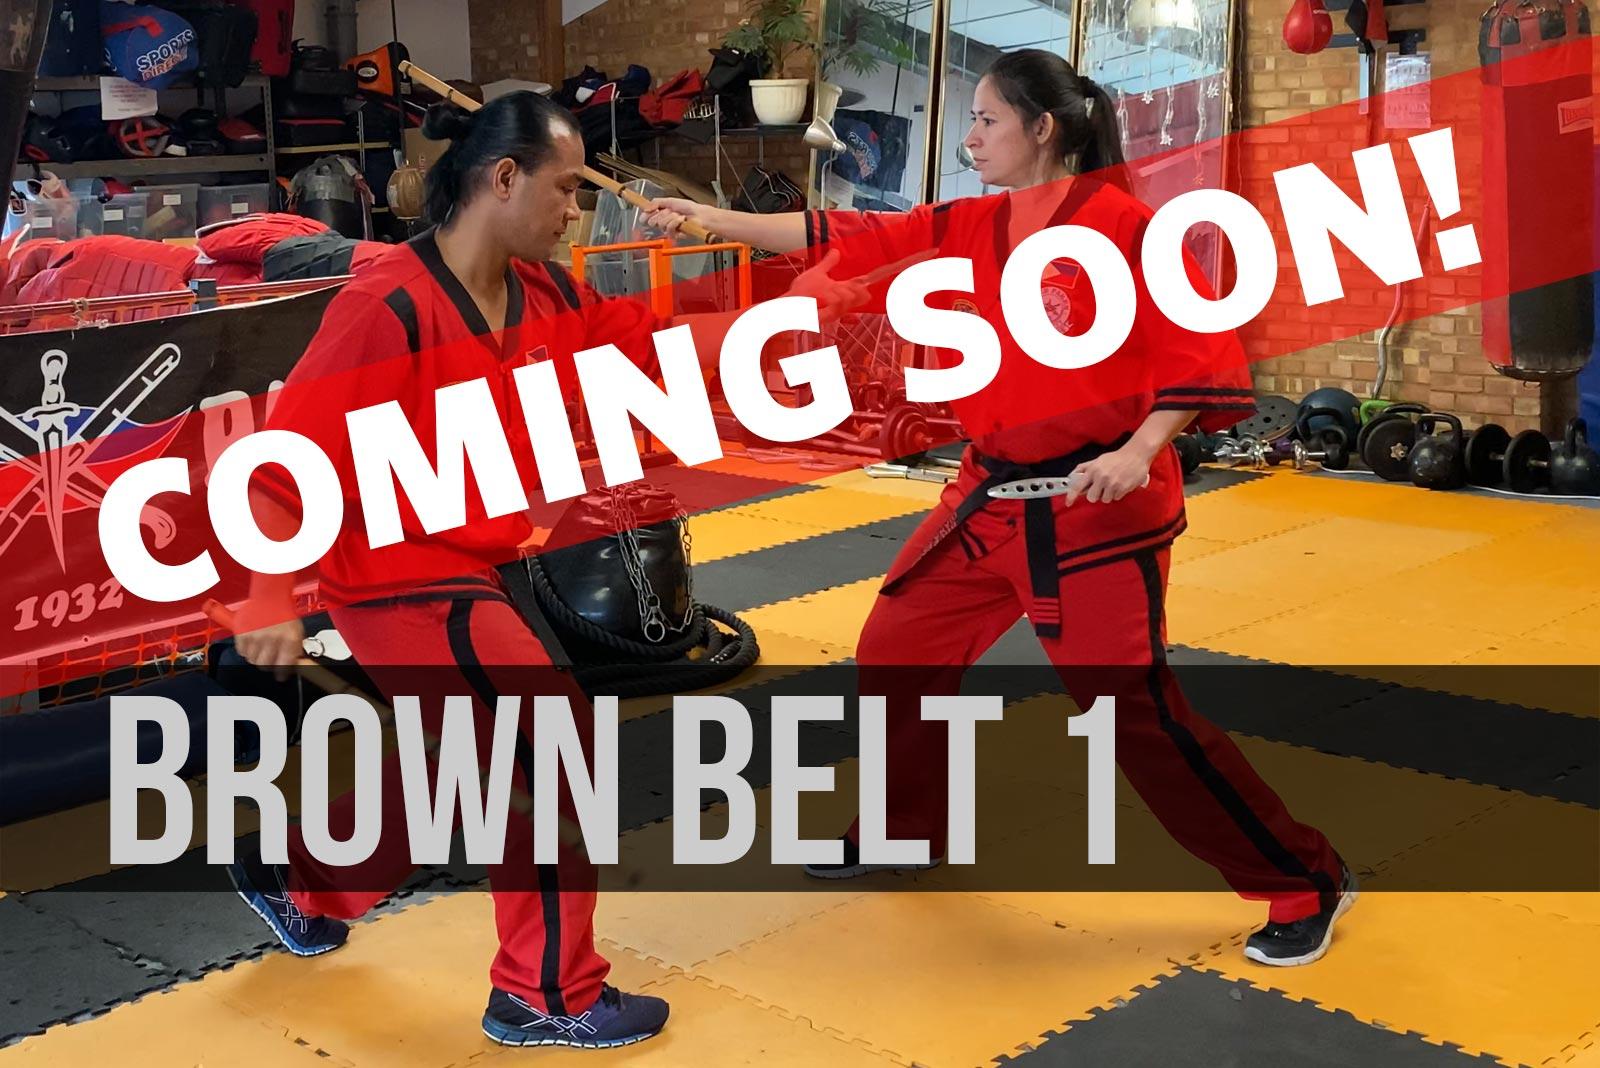 brown-belt-1-coming-soon